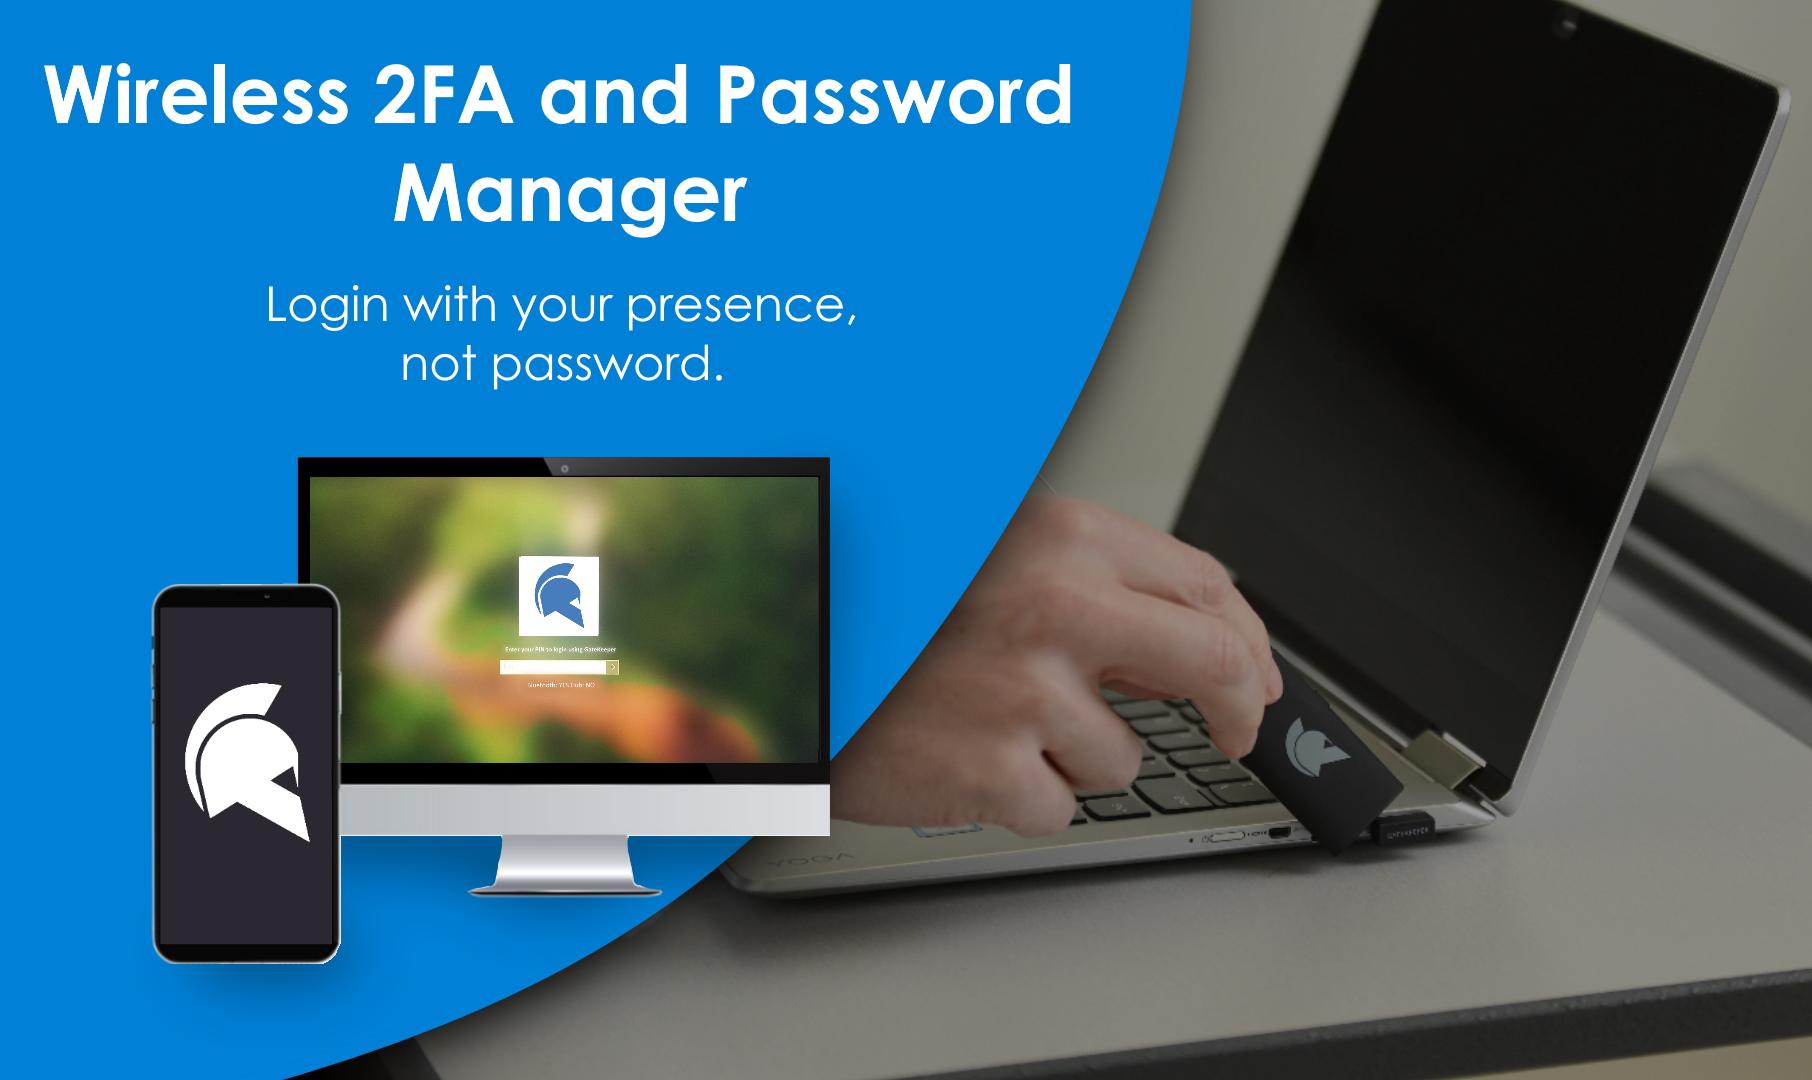 MFA - Security Key for wireless PC login.